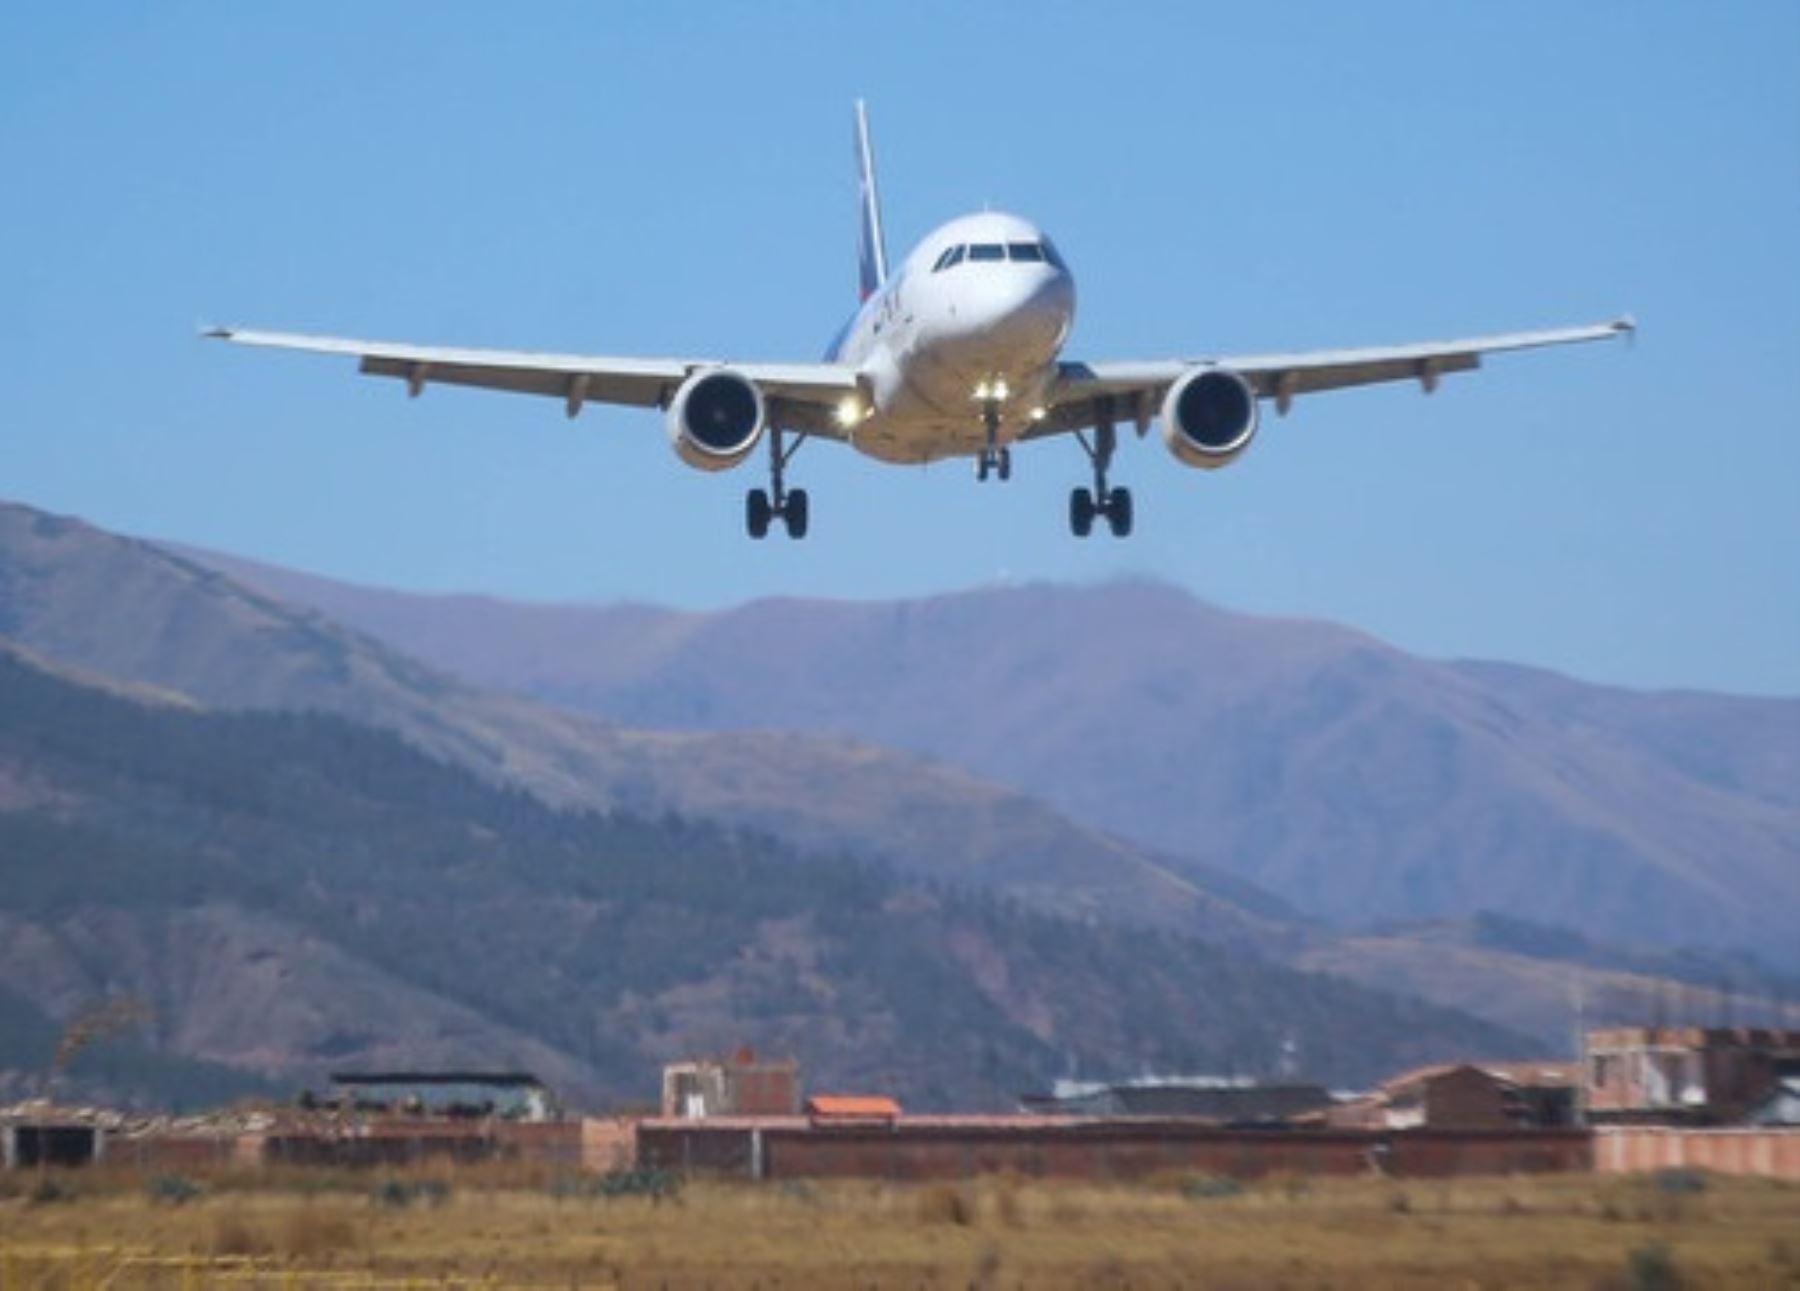 Corpac ampliará horario de atención de operaciones aéreas en siete aeropuertos del país, entre ellos los ubicados en Arequipa e Iquitos. ANDINA/Difusión